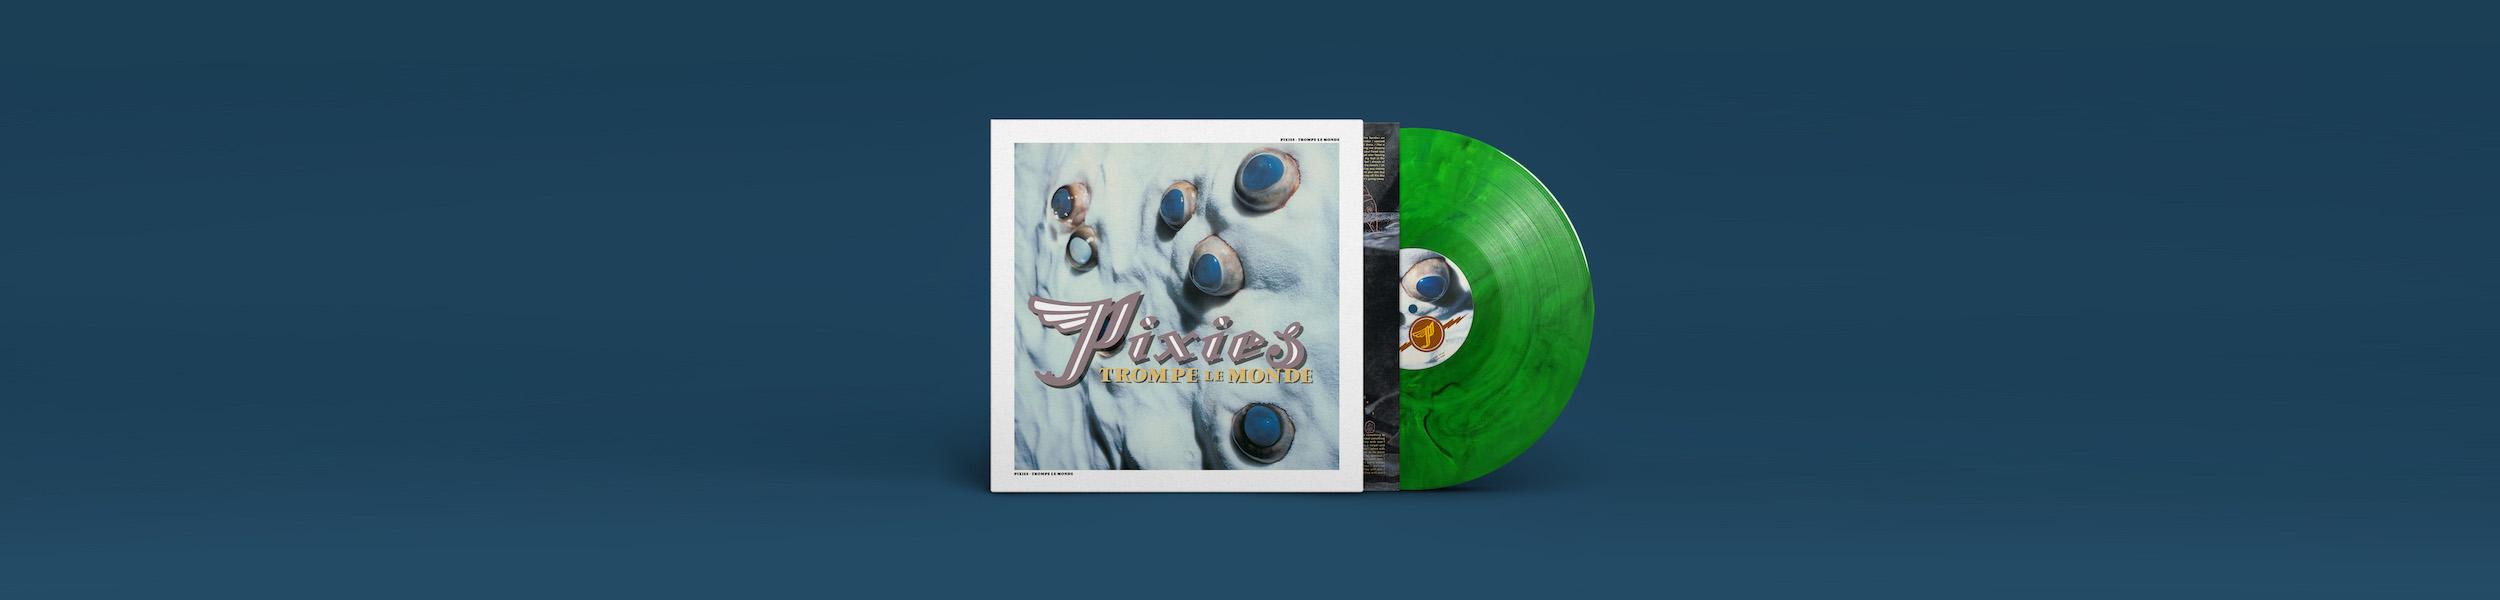 Pixies - Pixies Announce 30th Anniversary 'Trompe le Monde' Reissue